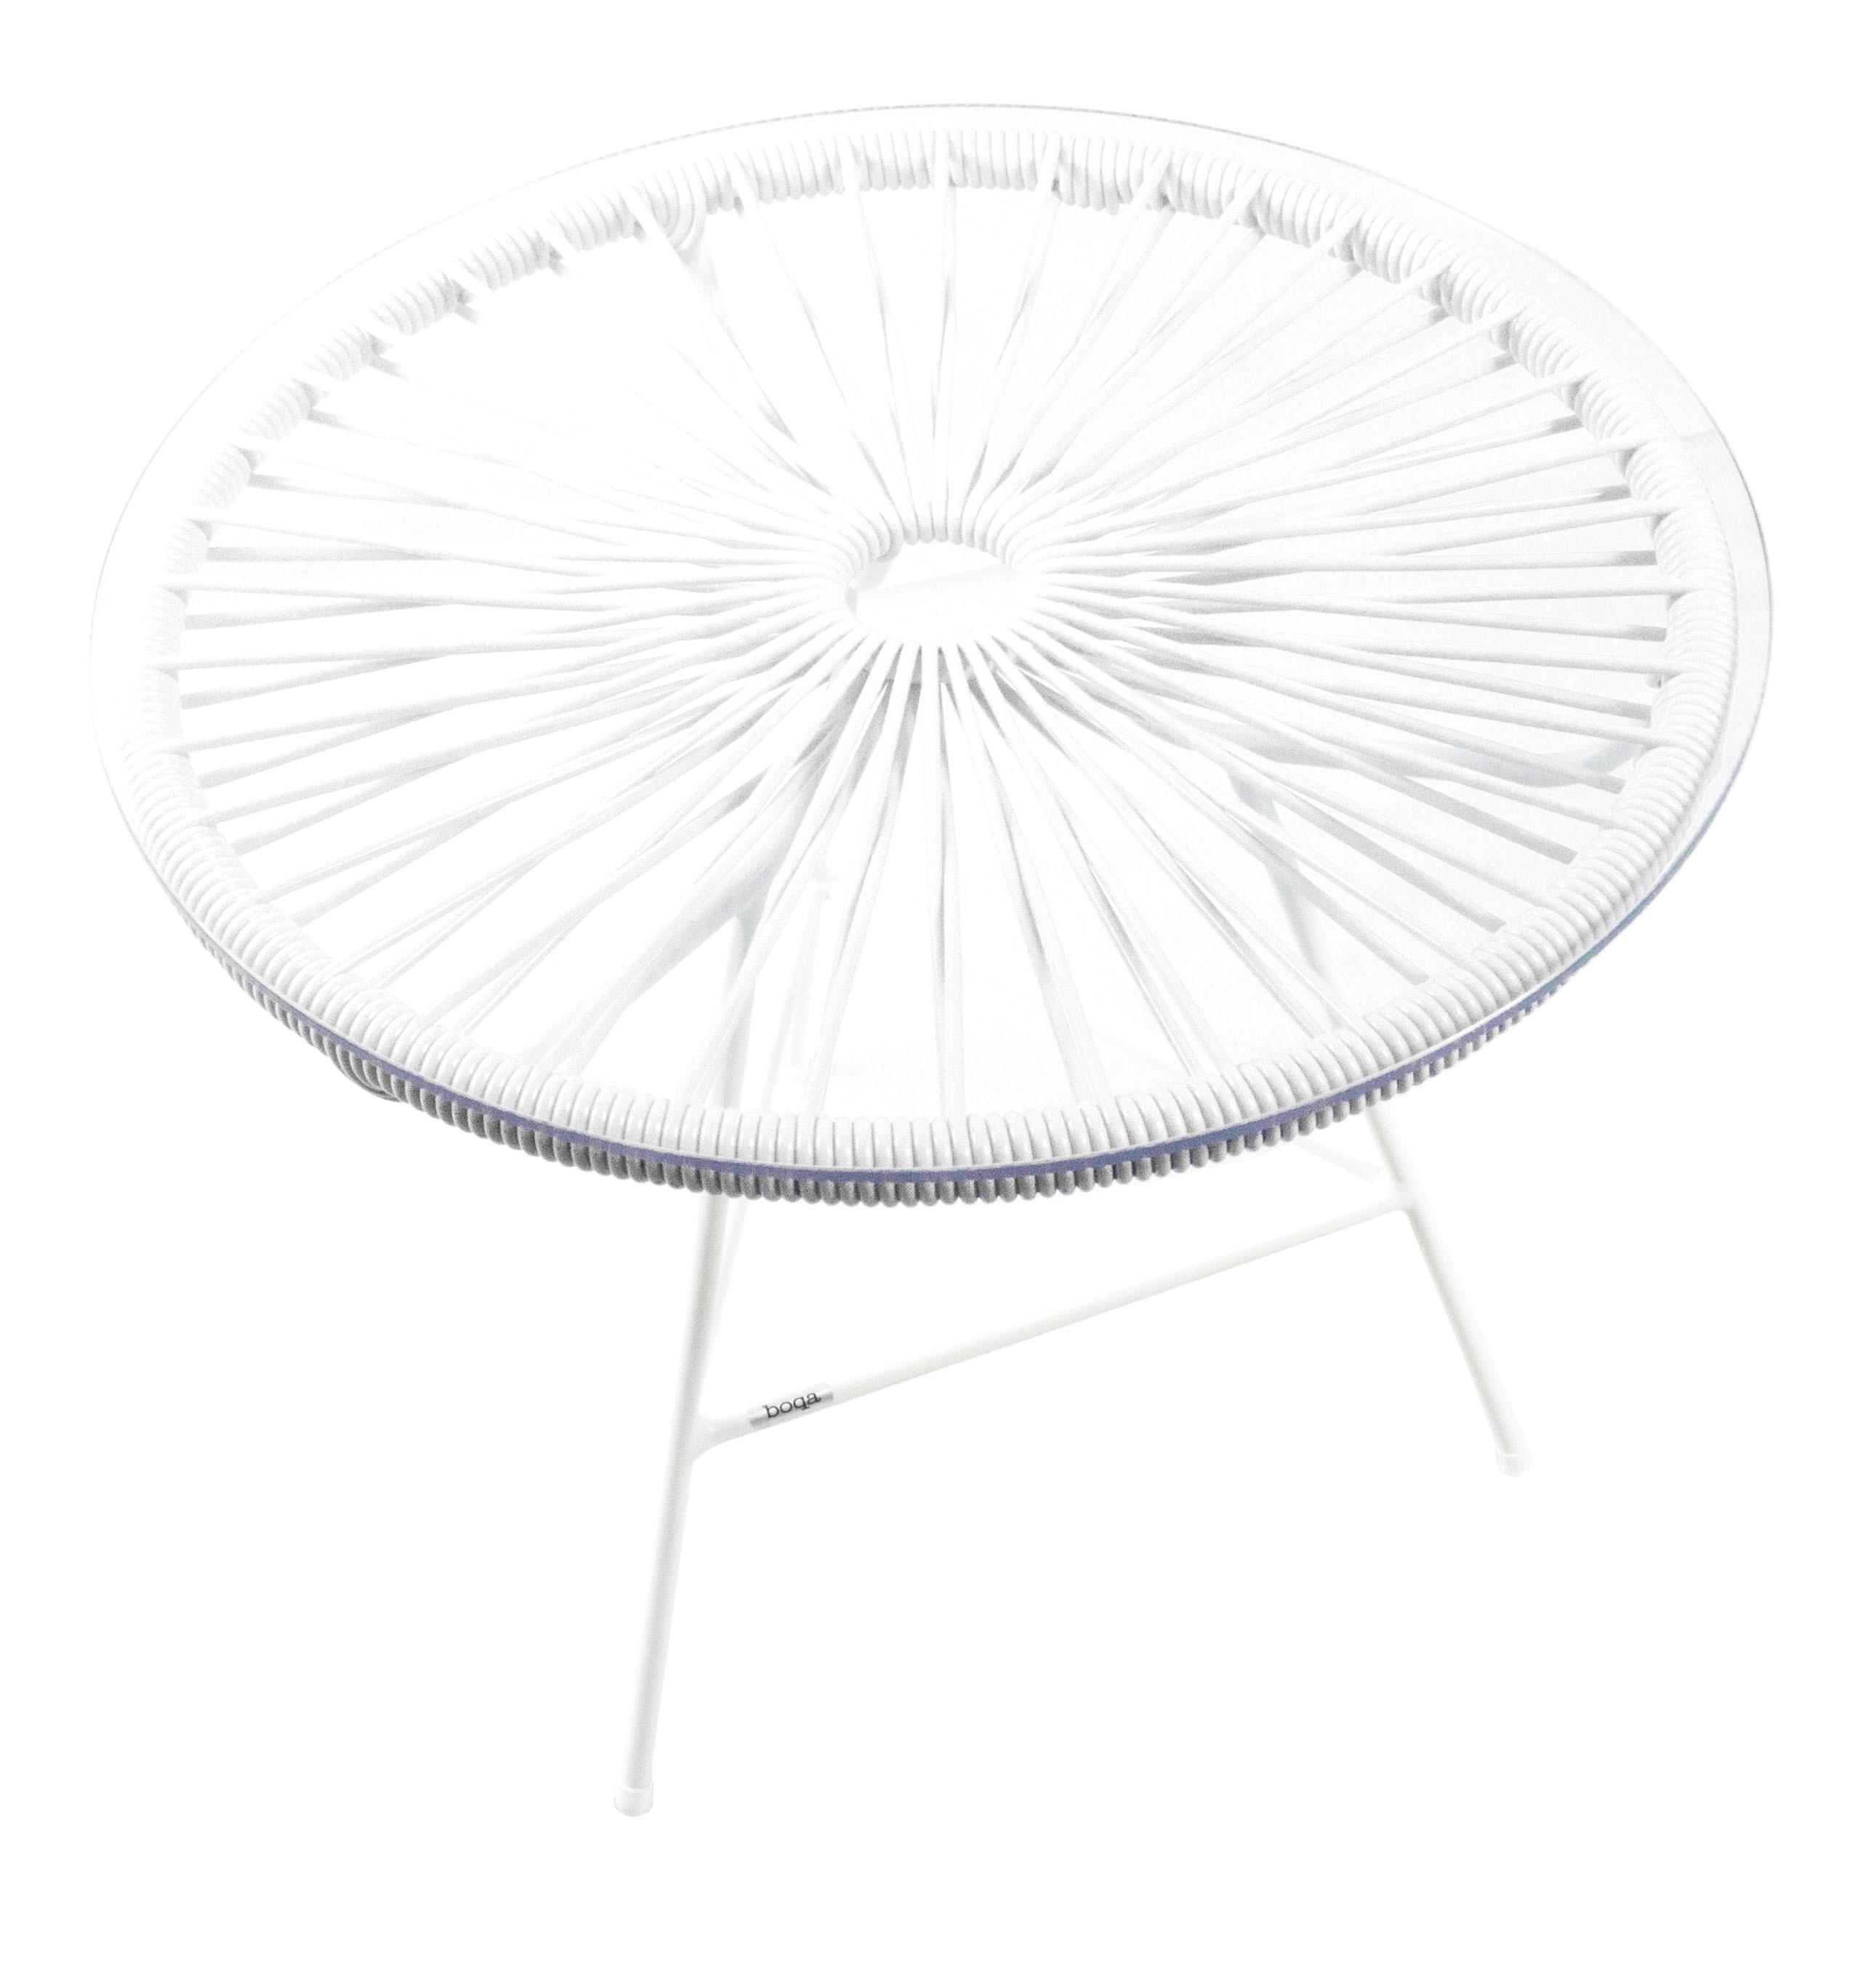 BlancheBlanc Table Mini Zipolite Boqa Avec D'argent De Basse Structure LUMVGqzSp